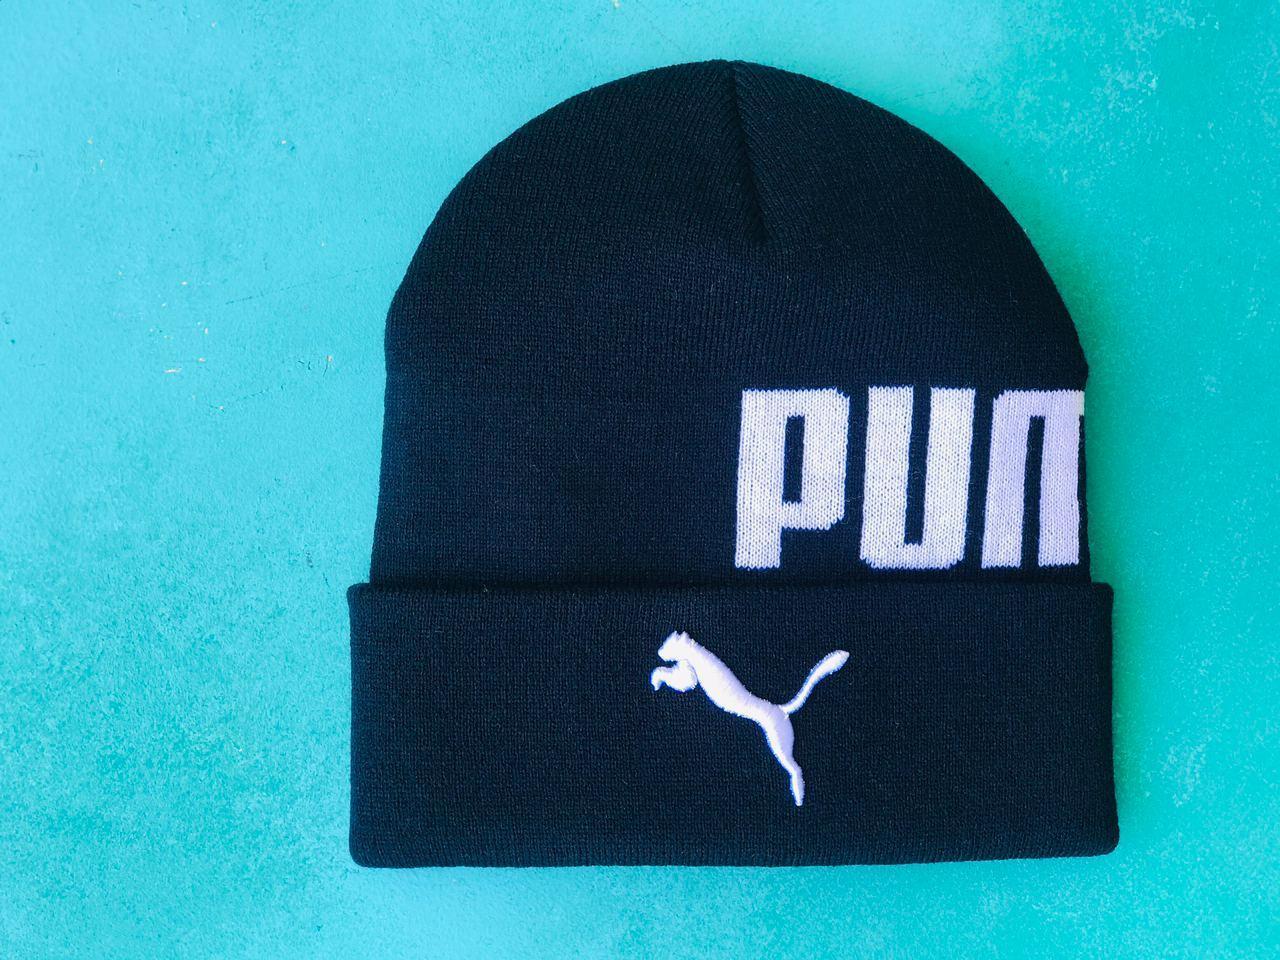 Шапка Puma / шапка пума/ шапка женская/шапка мужская/темно-синий